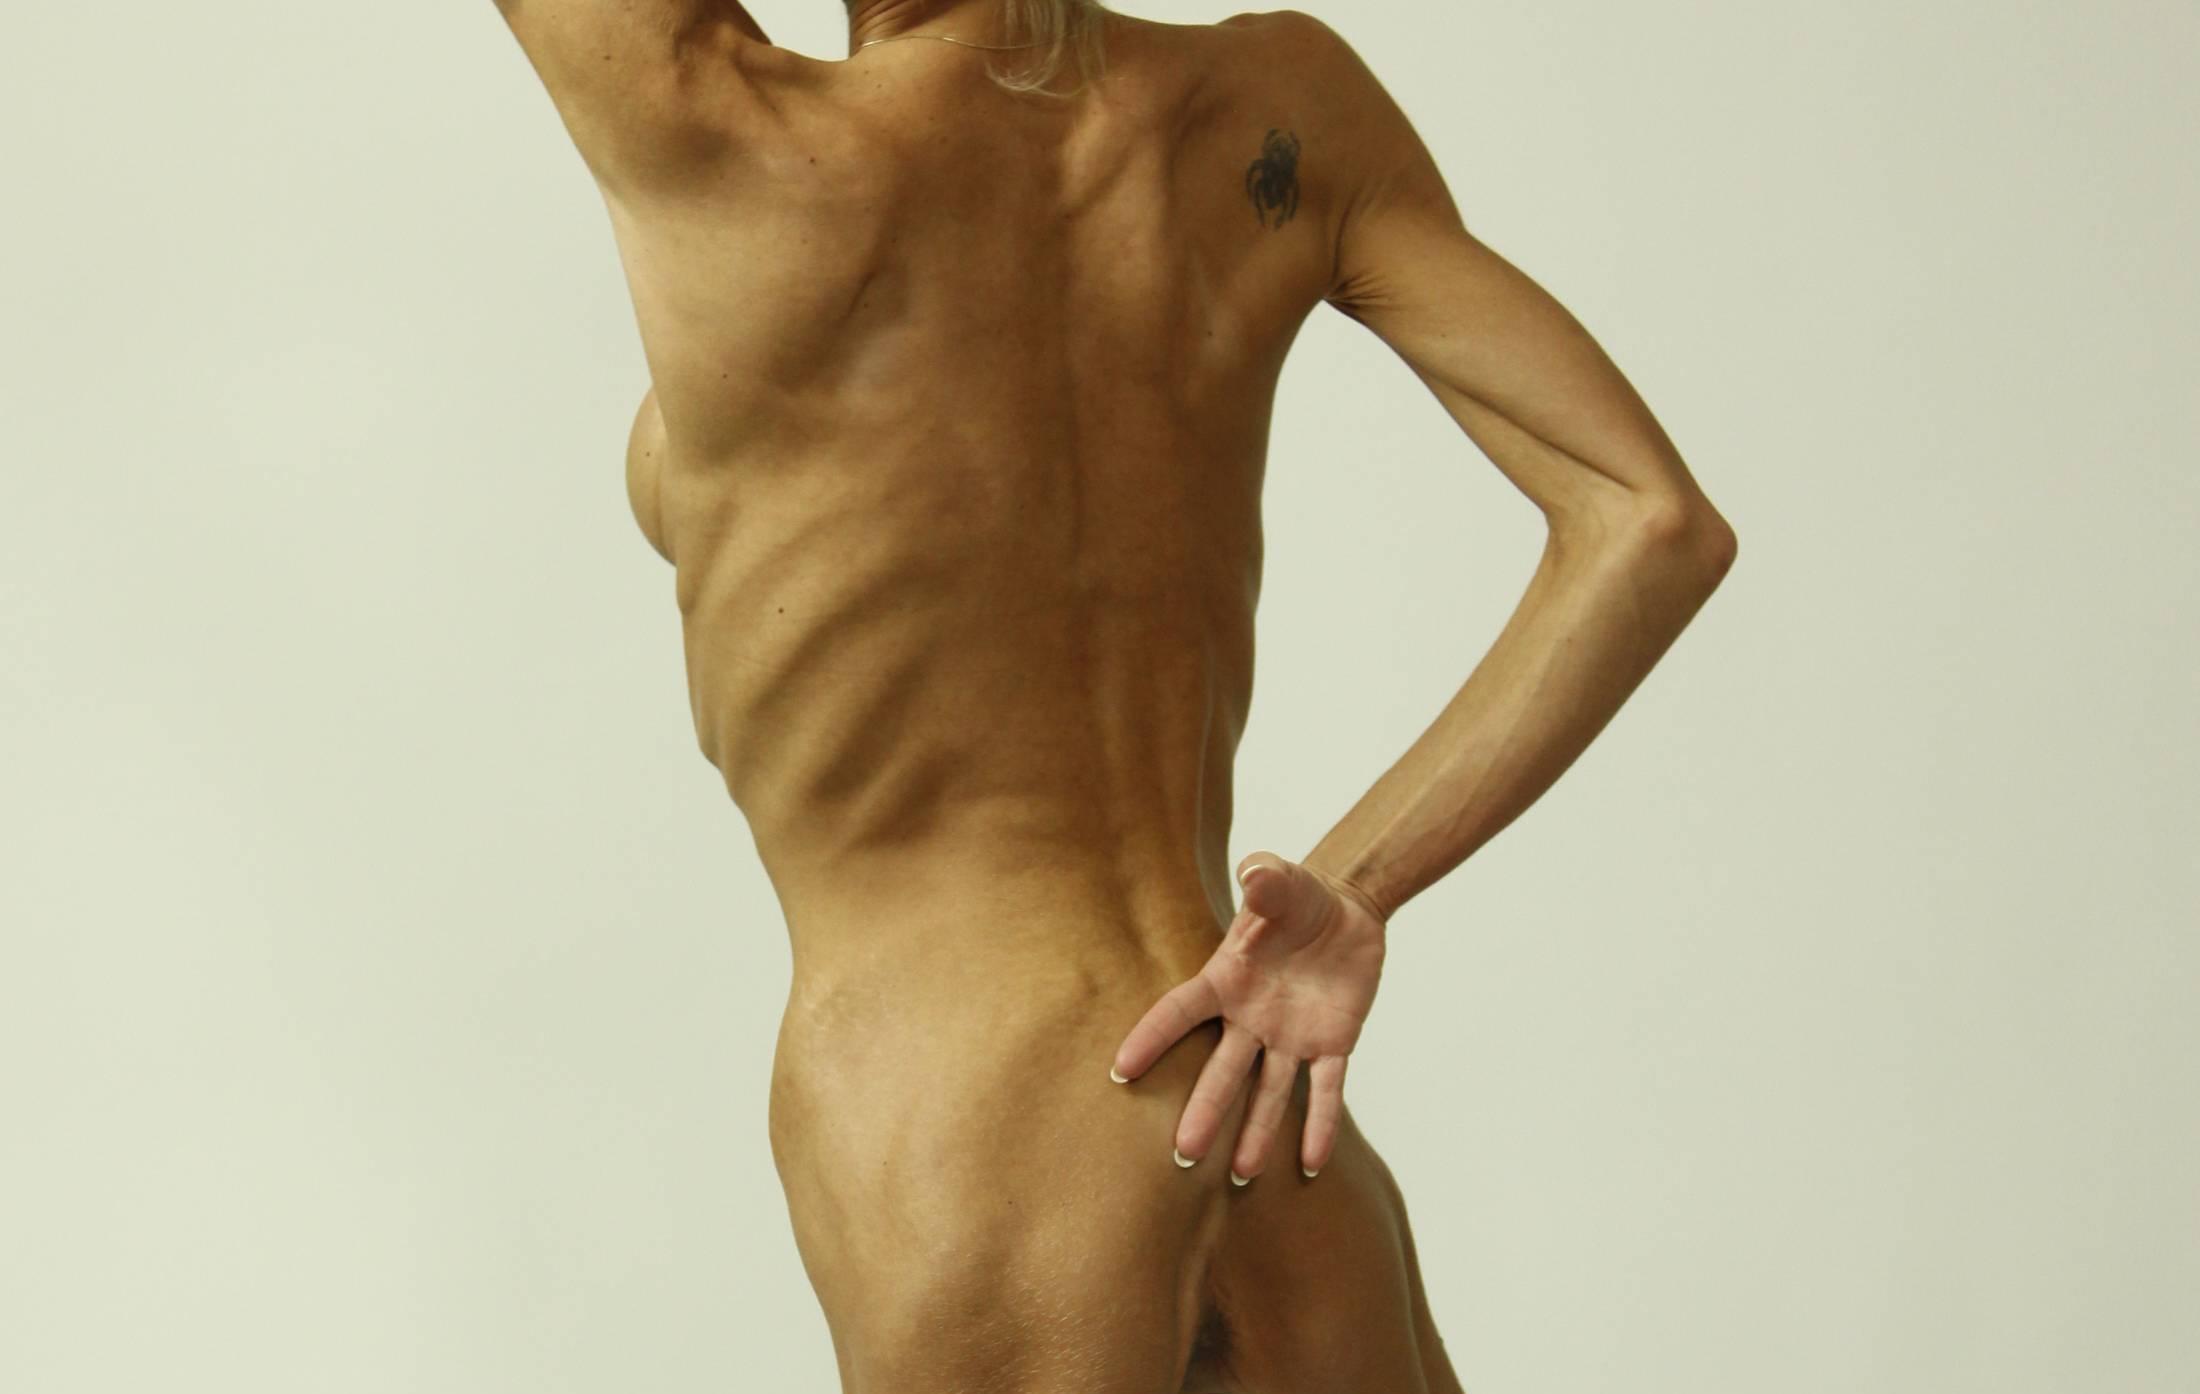 Тощая худую анорексичку 8 фотография